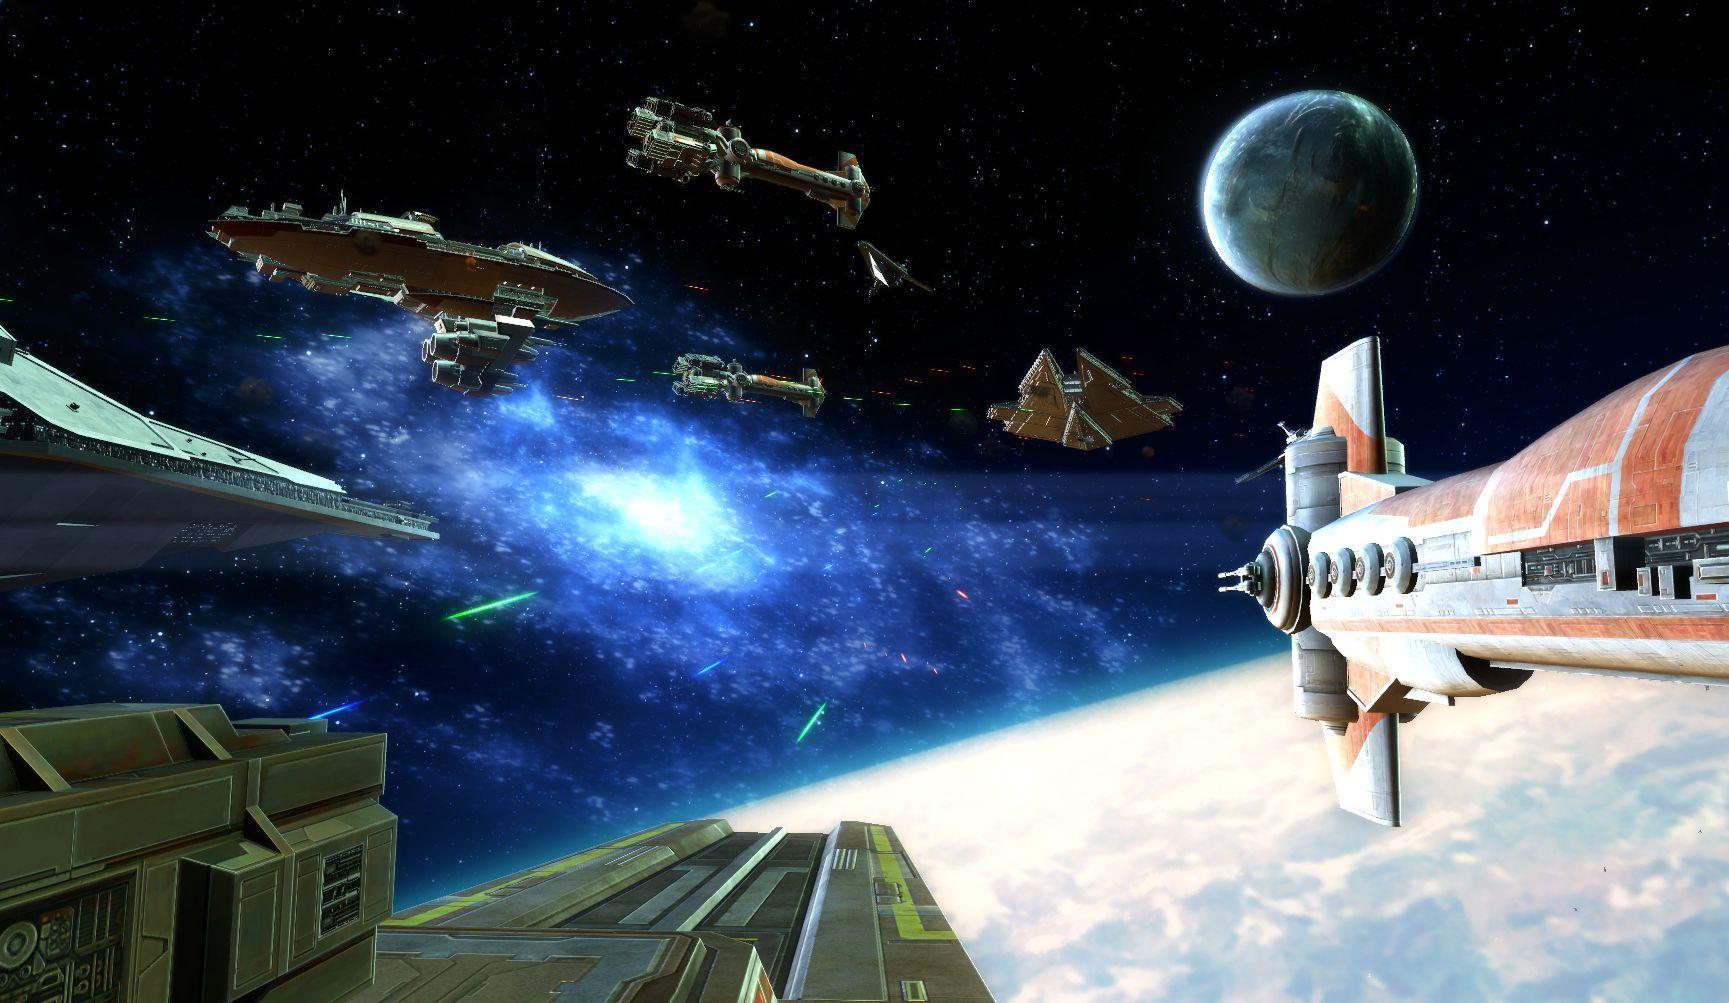 ¿Qué facciones se enfrentaron en la (Segunda) Guerra Galáctica?